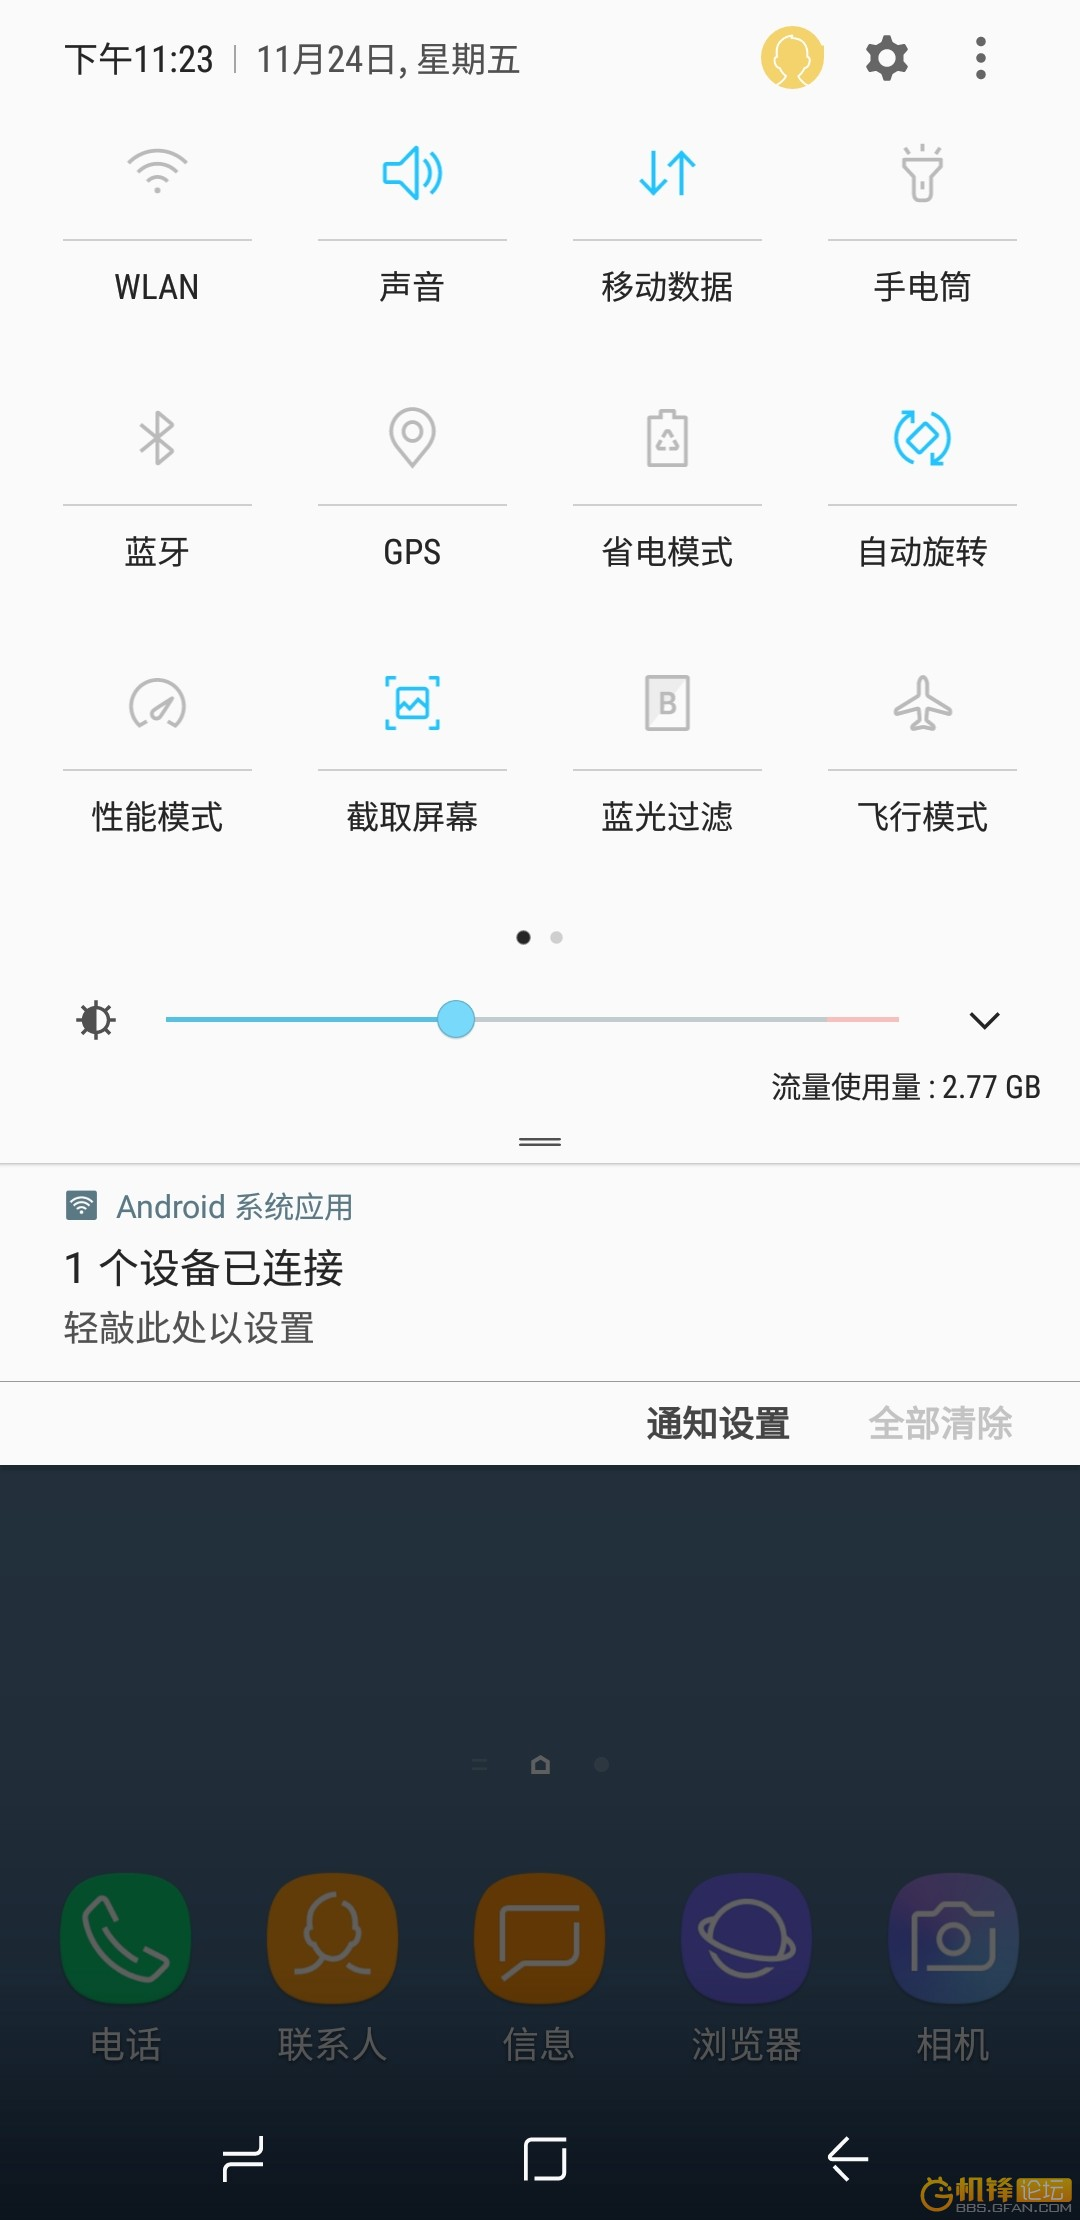 Screenshot_20171124-232327.jpg